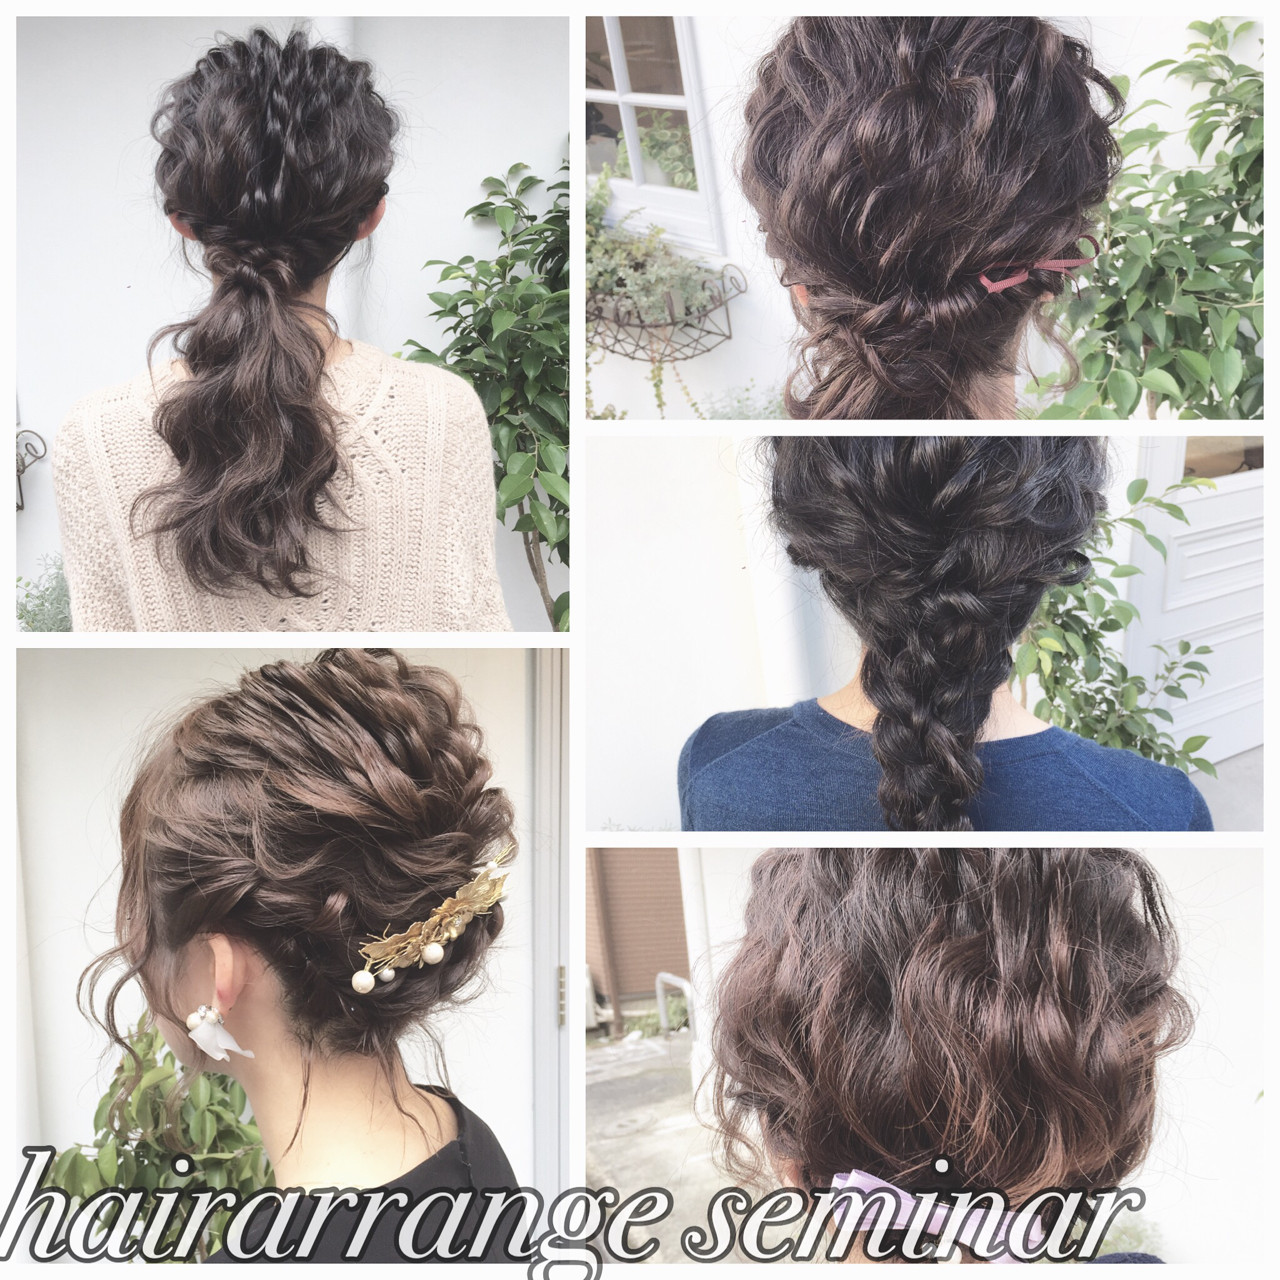 編み込み ロング ハーフアップ 波ウェーブ ヘアスタイルや髪型の写真・画像